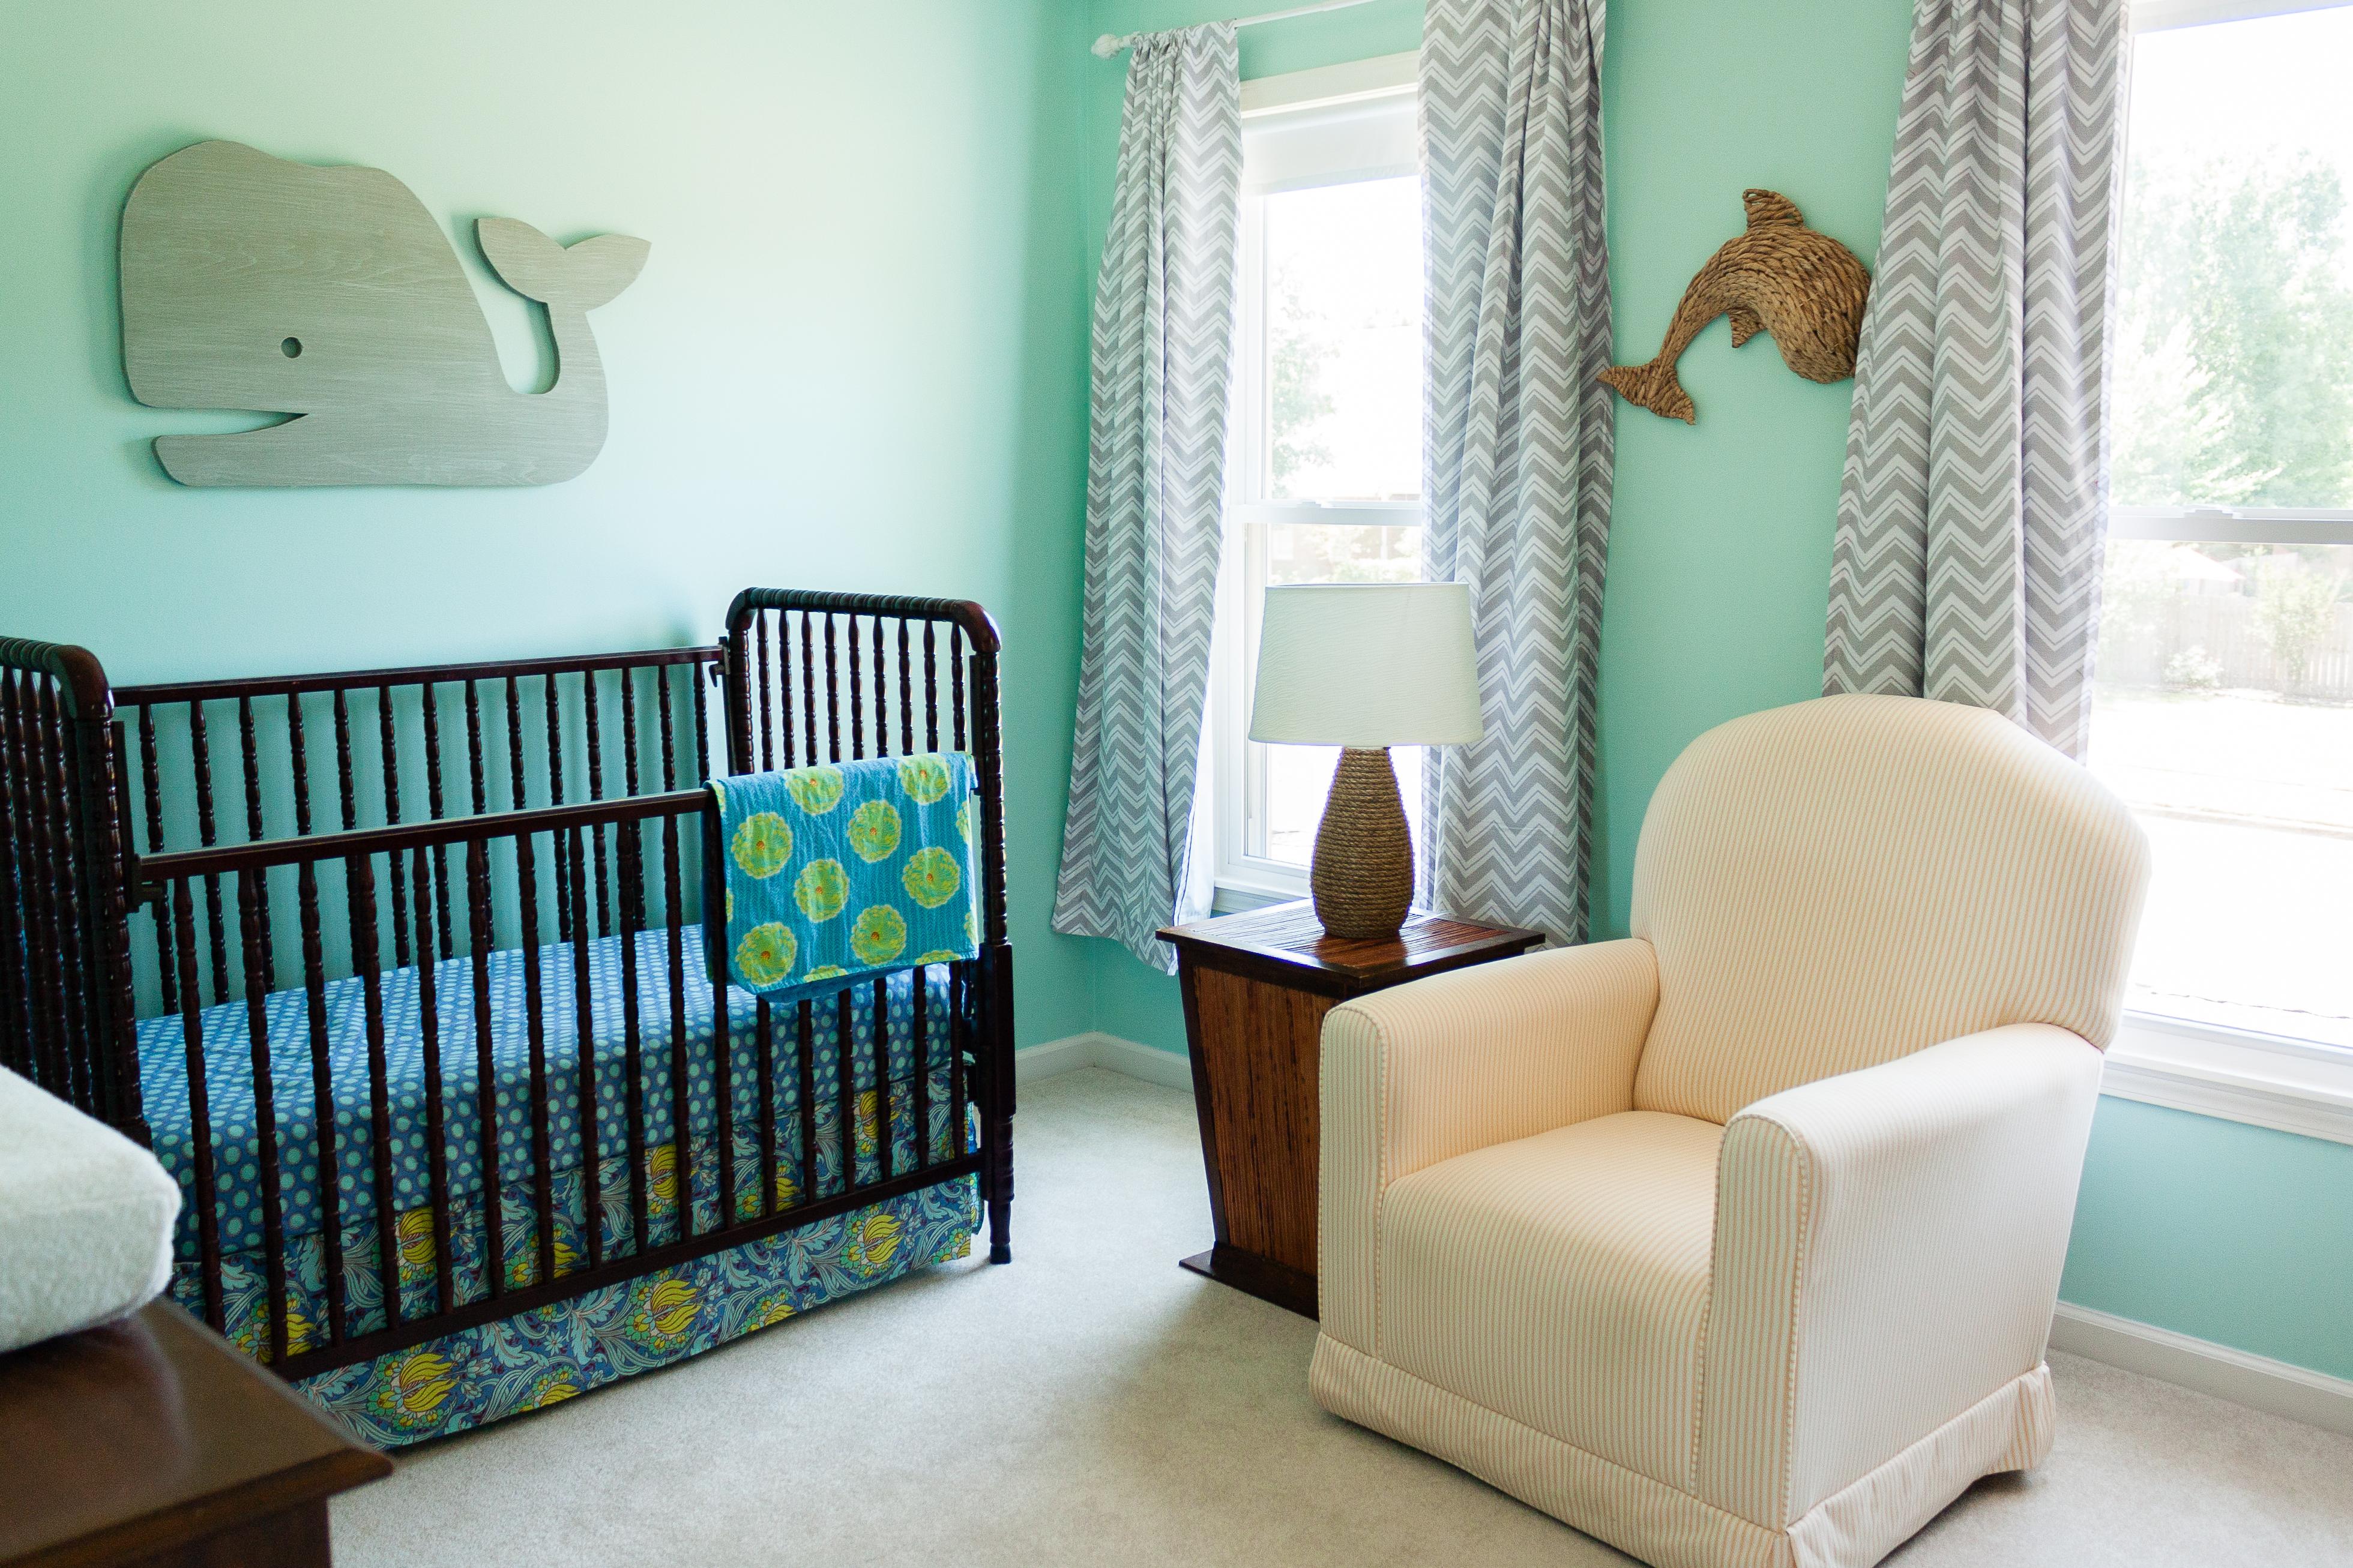 100 Girls Room Designs Tip amp Pictures  homedesigningcom